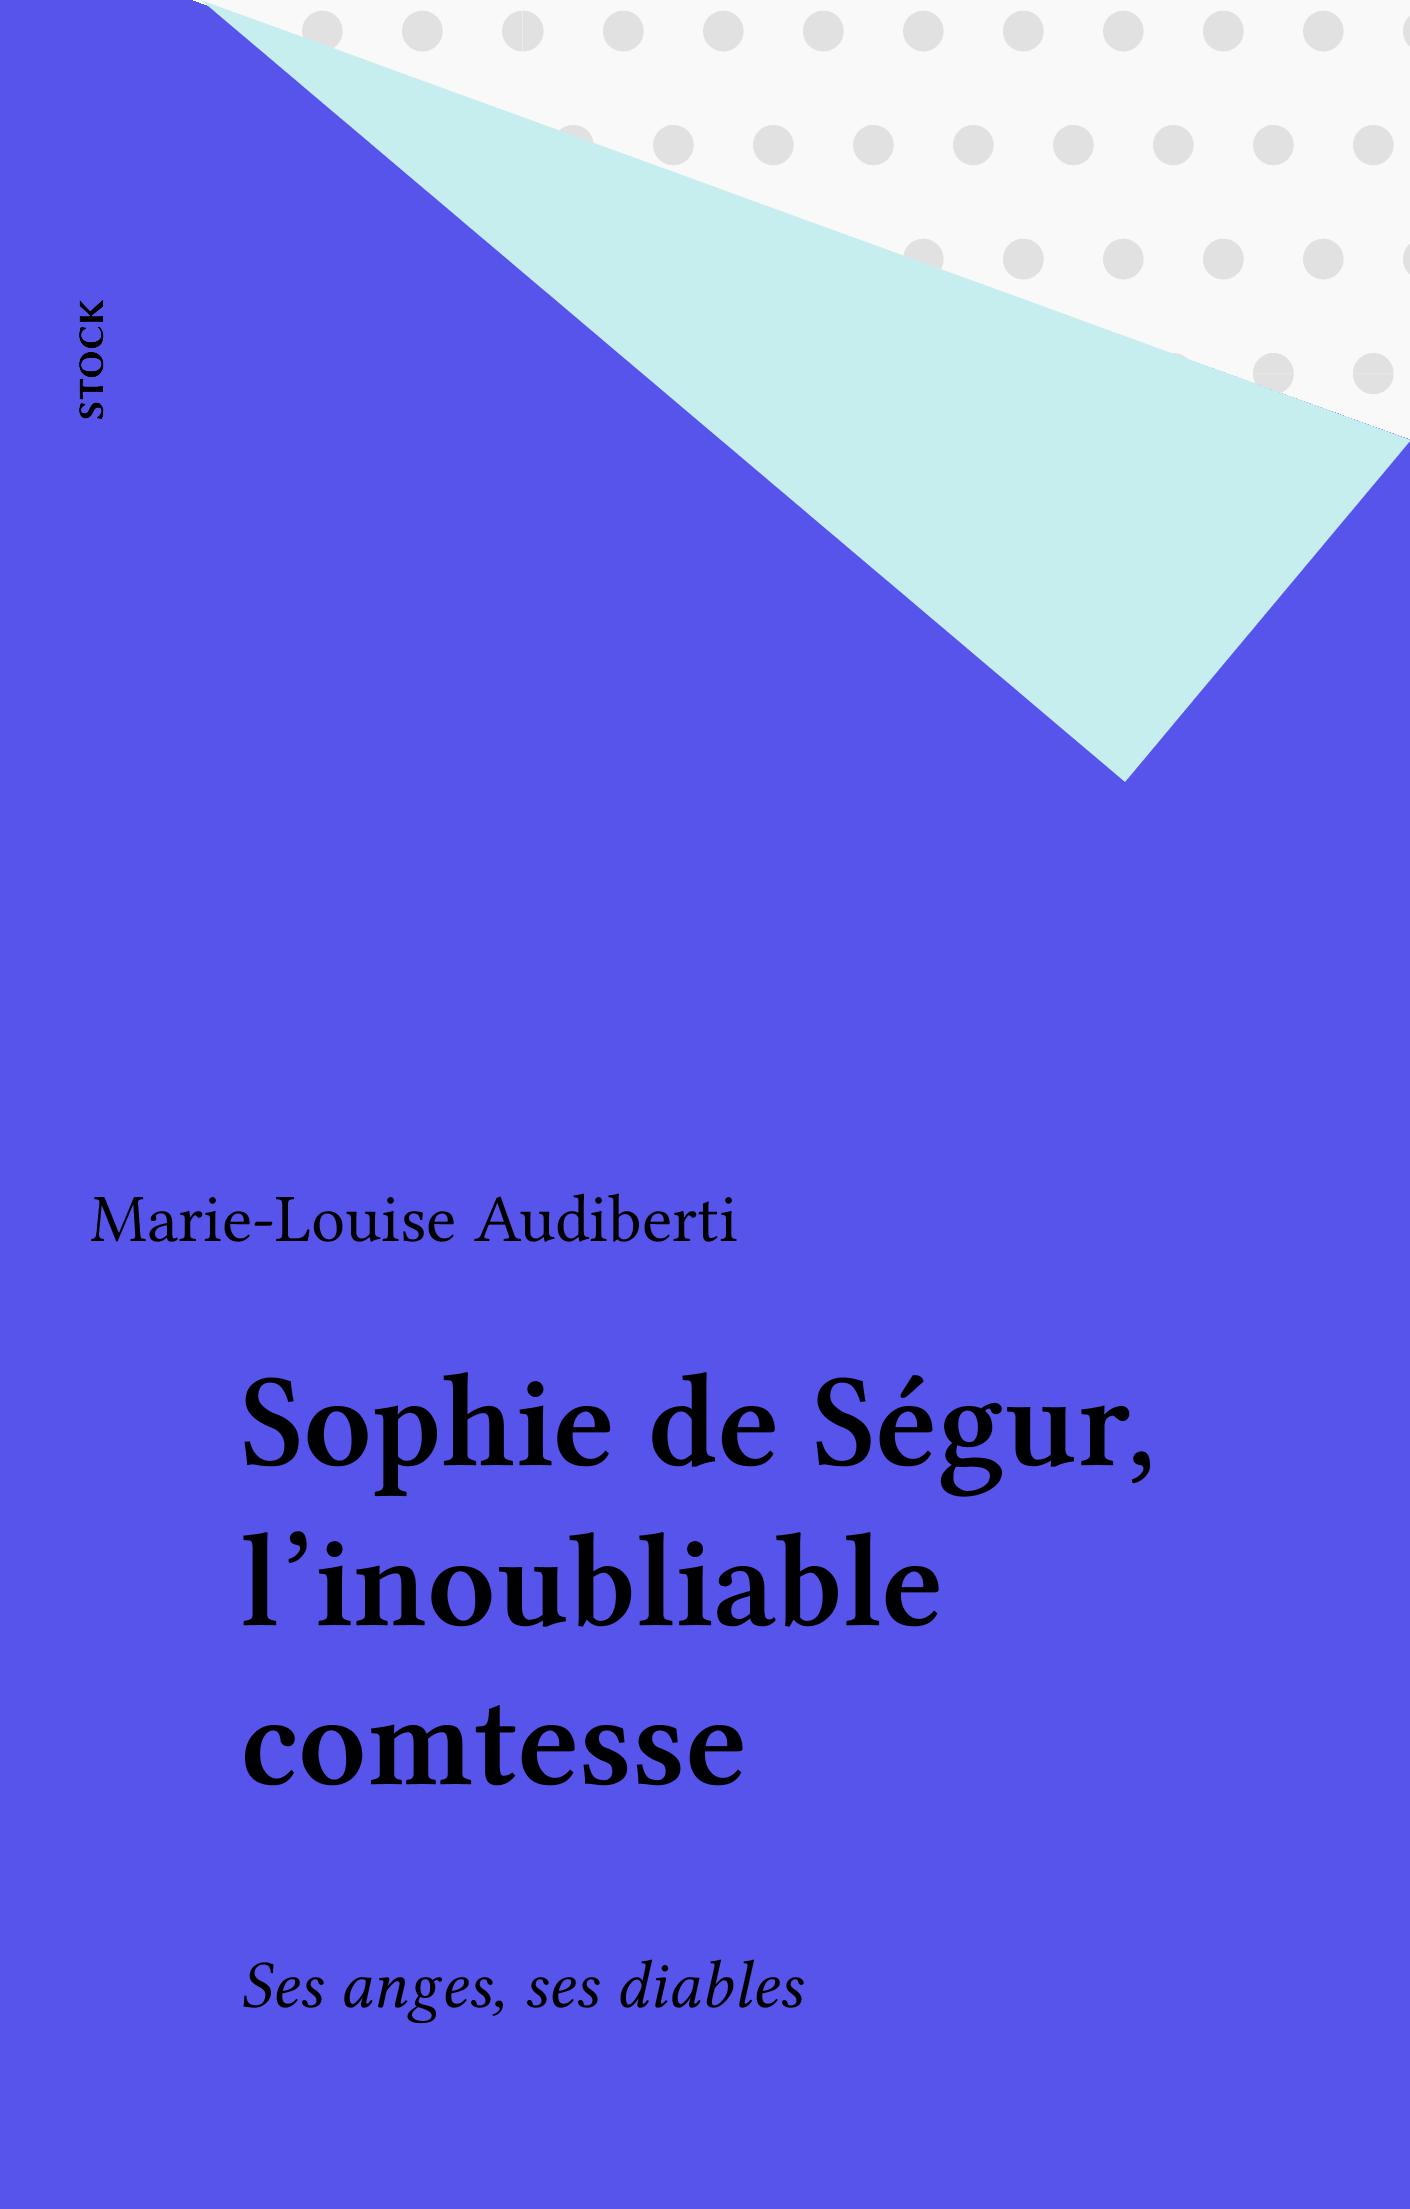 Sophie de Ségur, l'inoubliable comtesse, SES ANGES, SES DIABLES